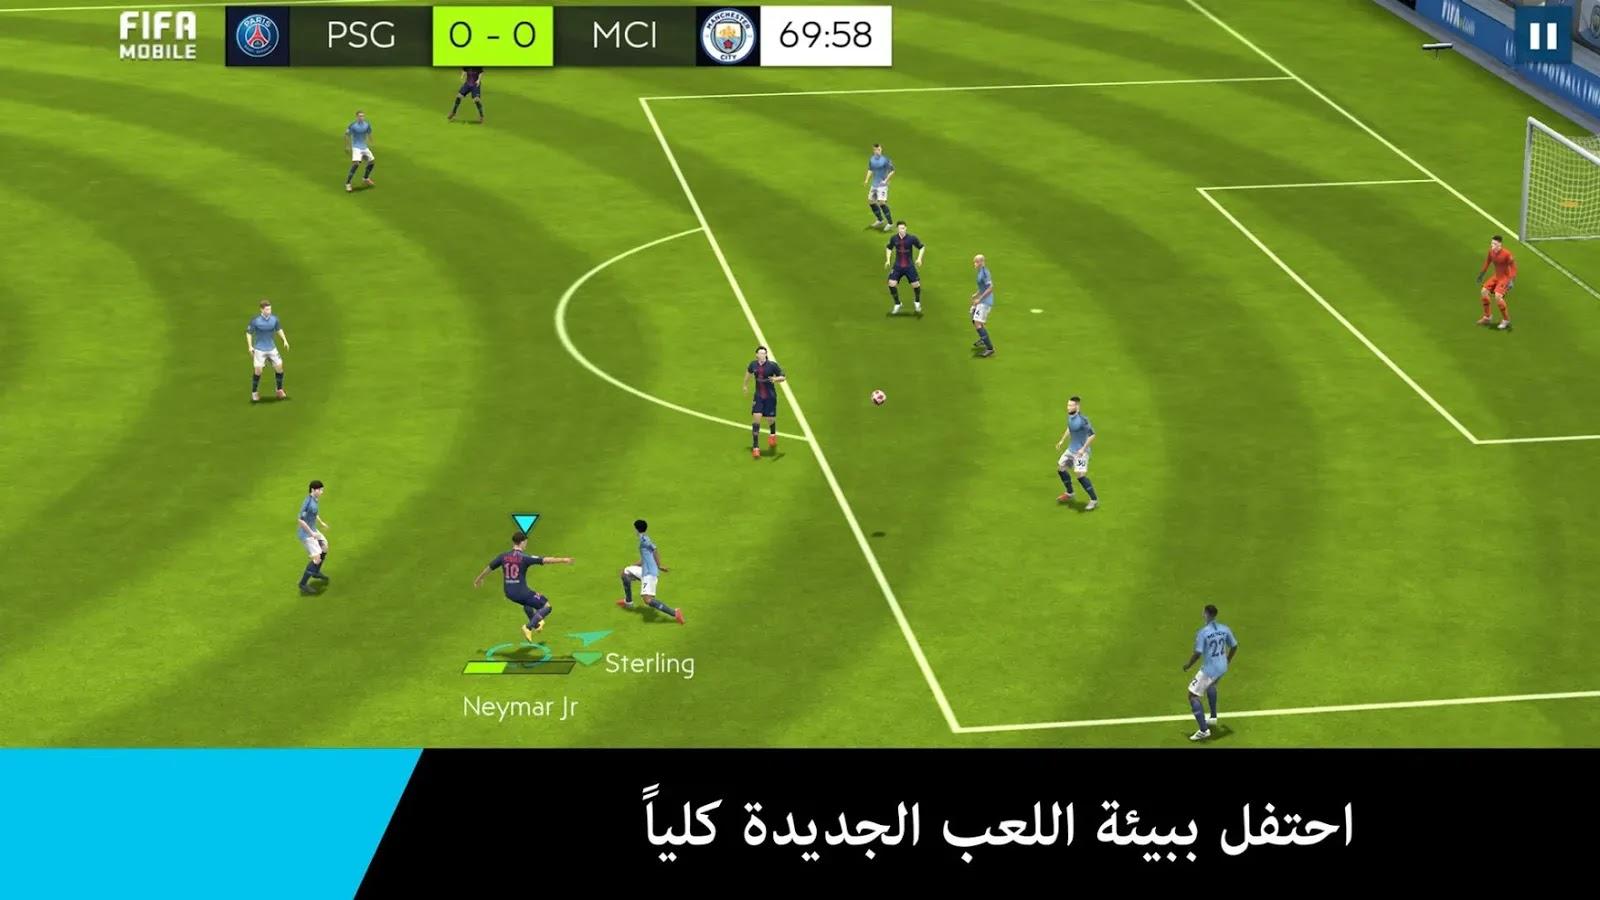 تحميل لعبة كرة القدم Fifa Soccer 2019 للأندرويد والأيفون عرب